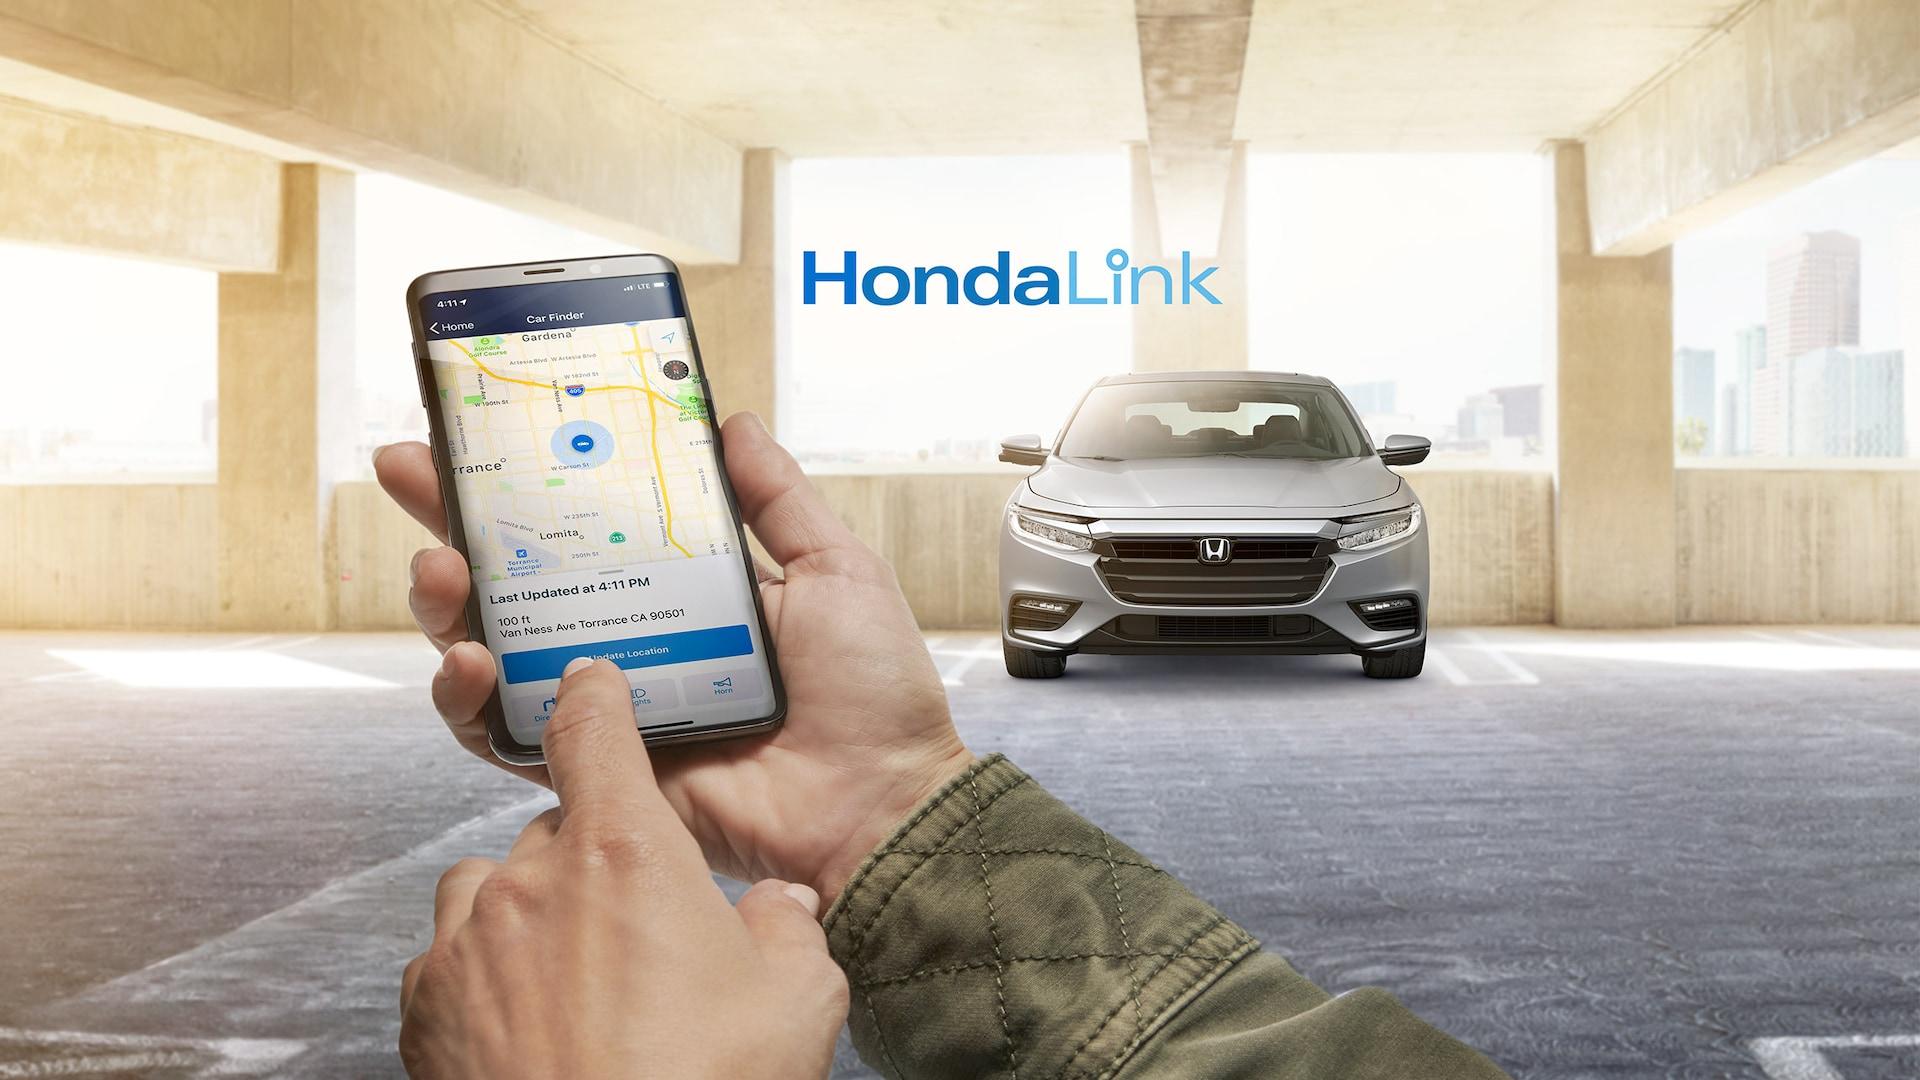 Detalle de la pantalla de bienvenida de HondaLink® en un teléfono inteligente.